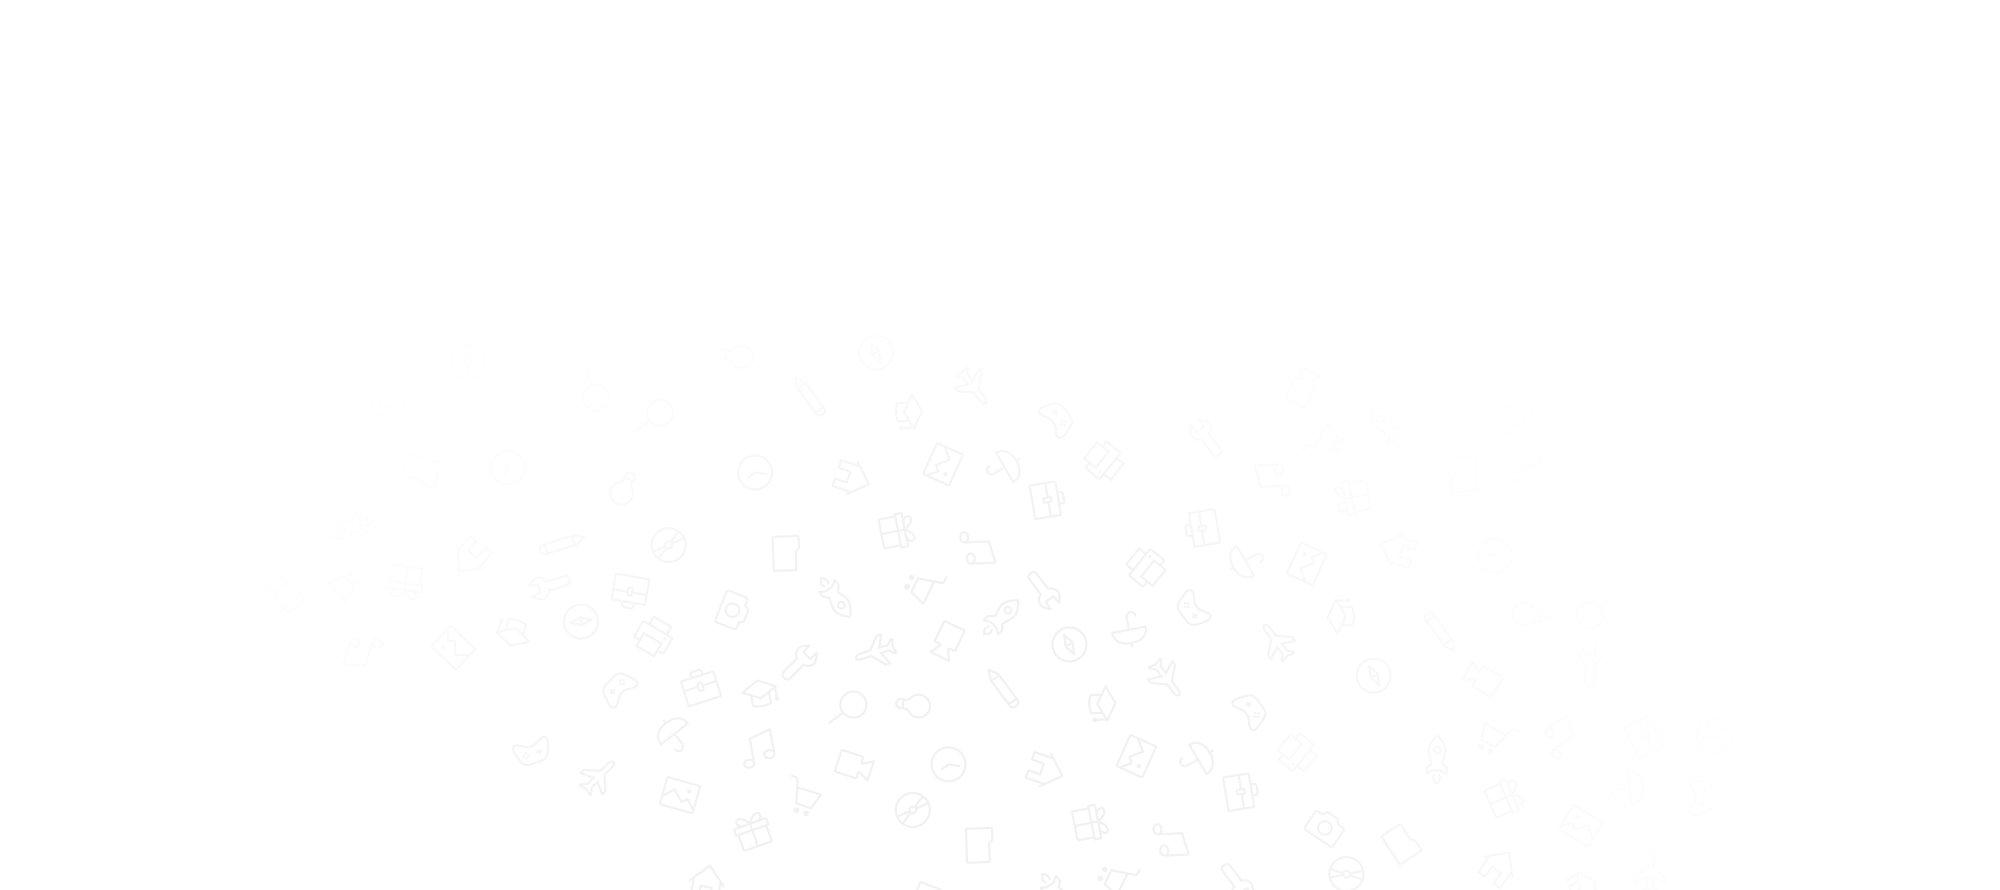 بانک اطلاعات املاک شمس